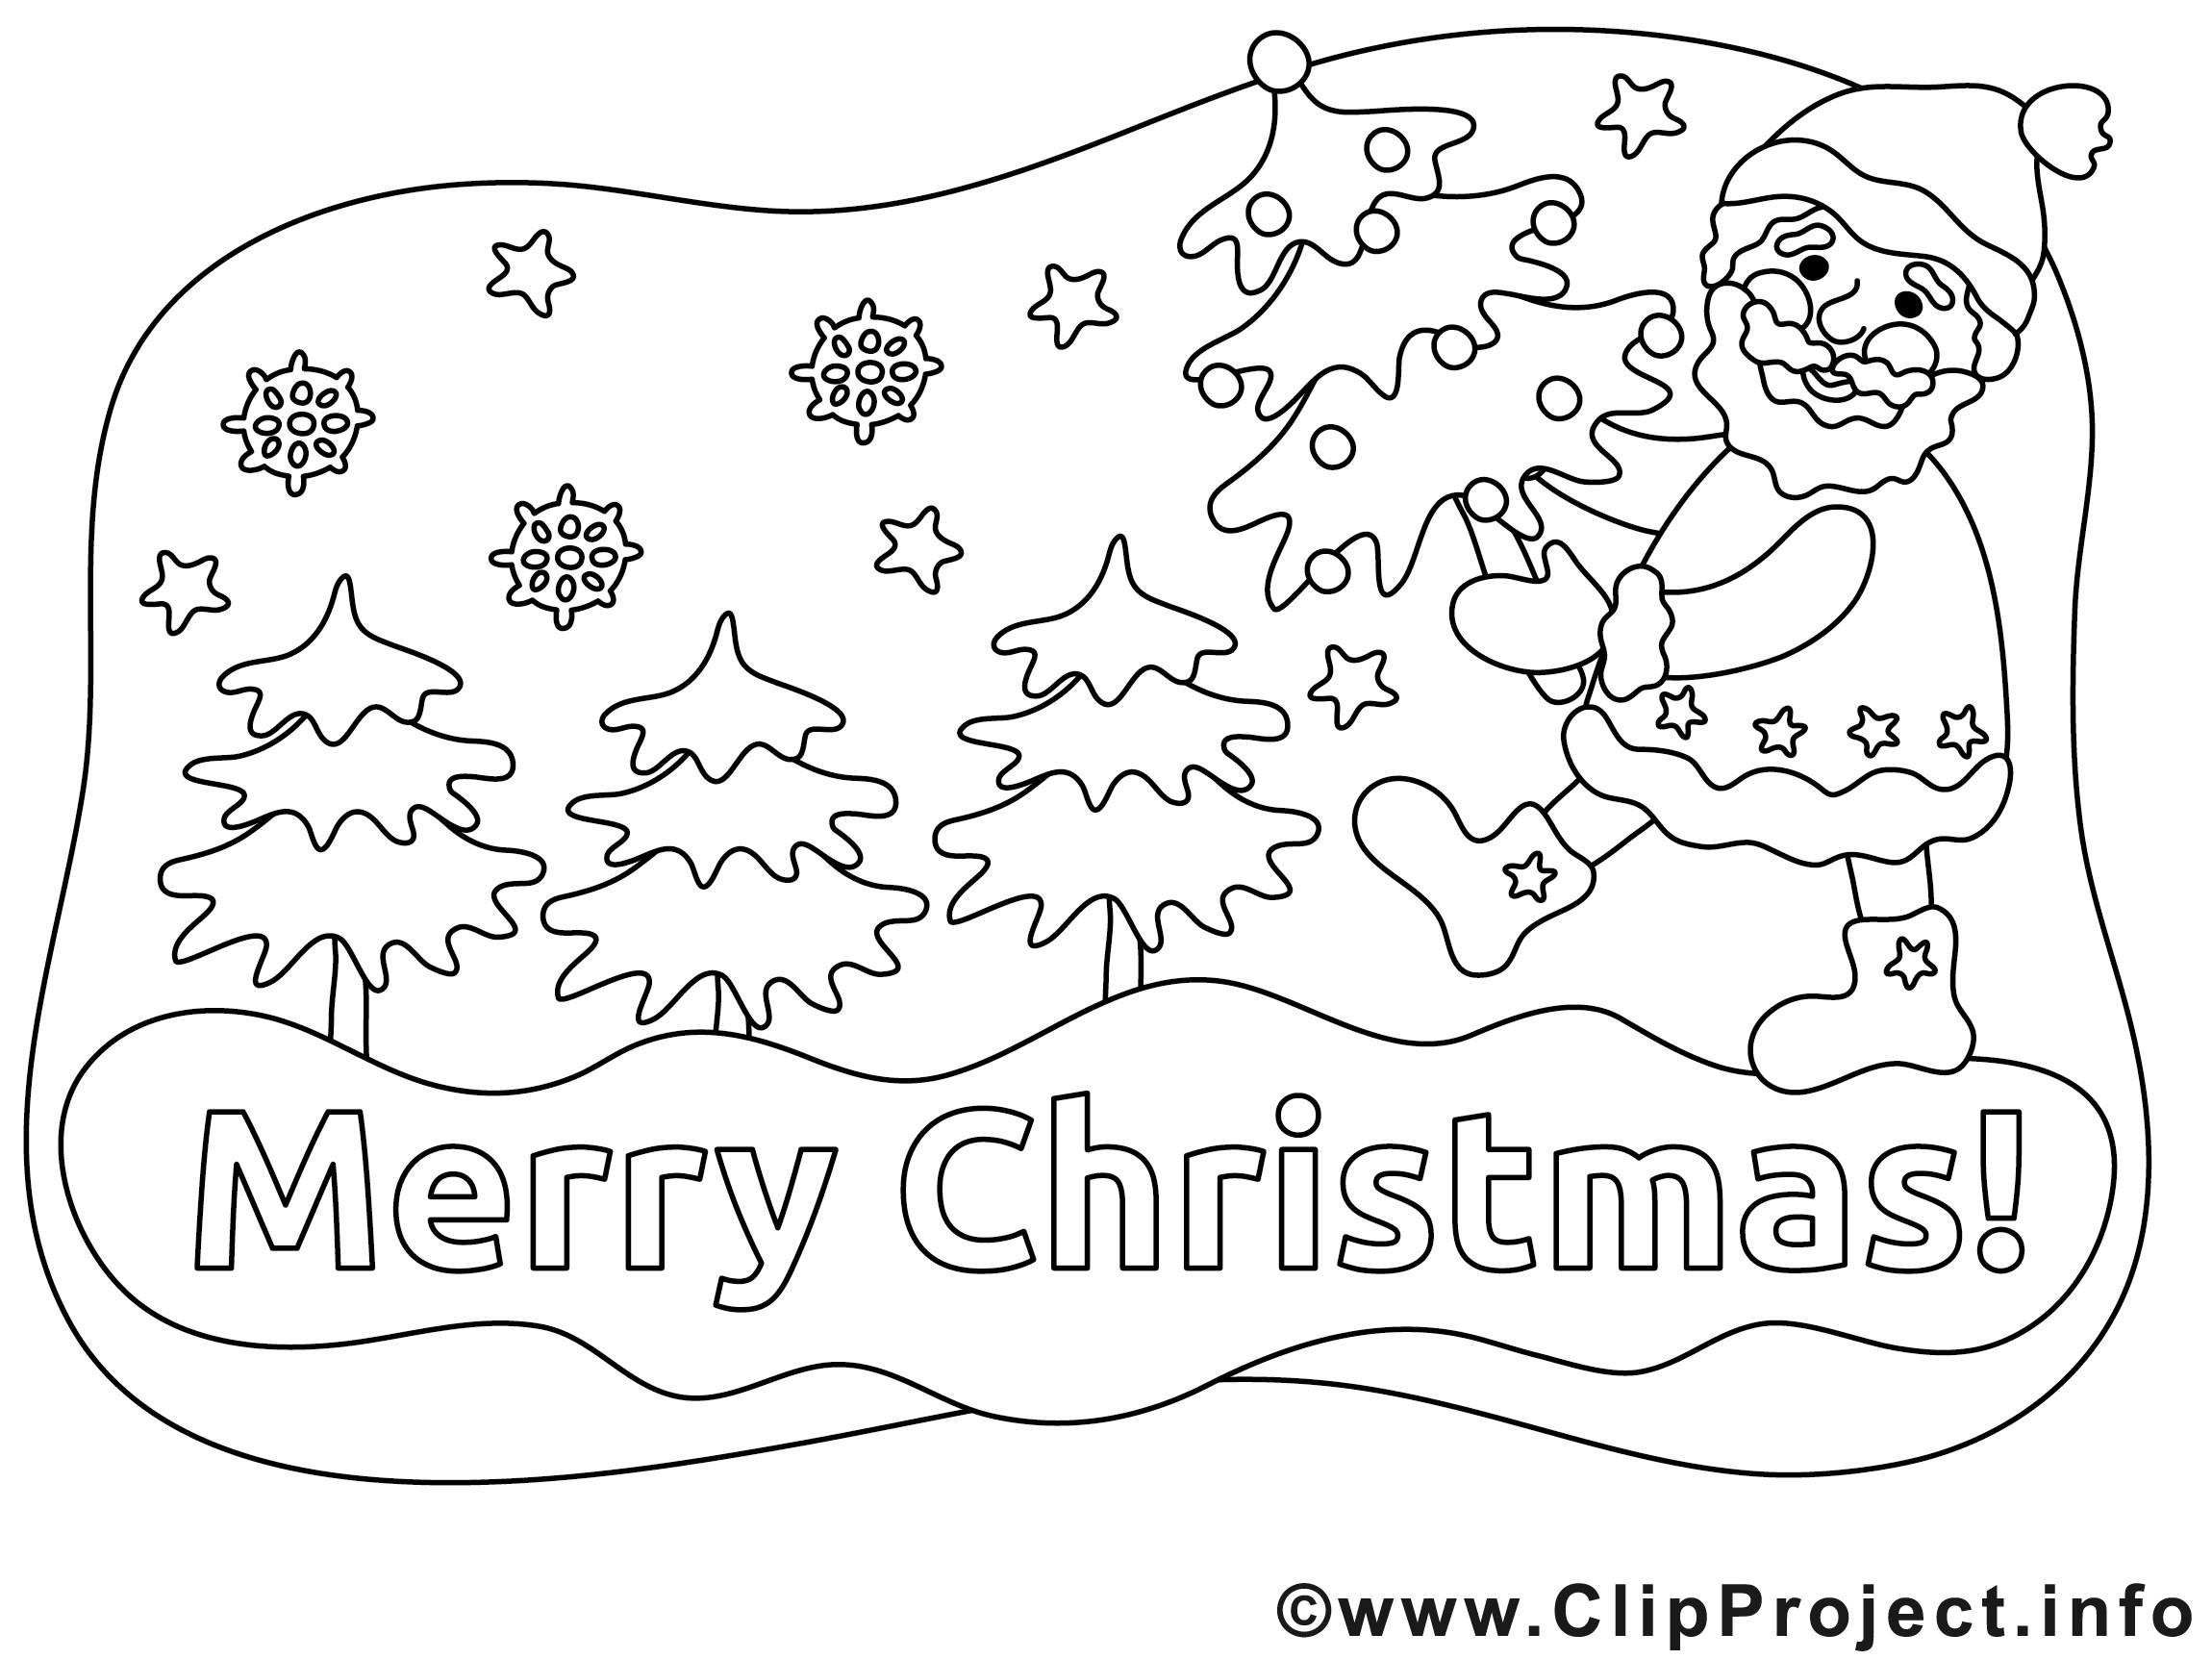 Ausmalbilder Weihnachten Vorlagen Inspirierend Weihnachtsbilder Malen Malvorlagen Weihnachten Bilder